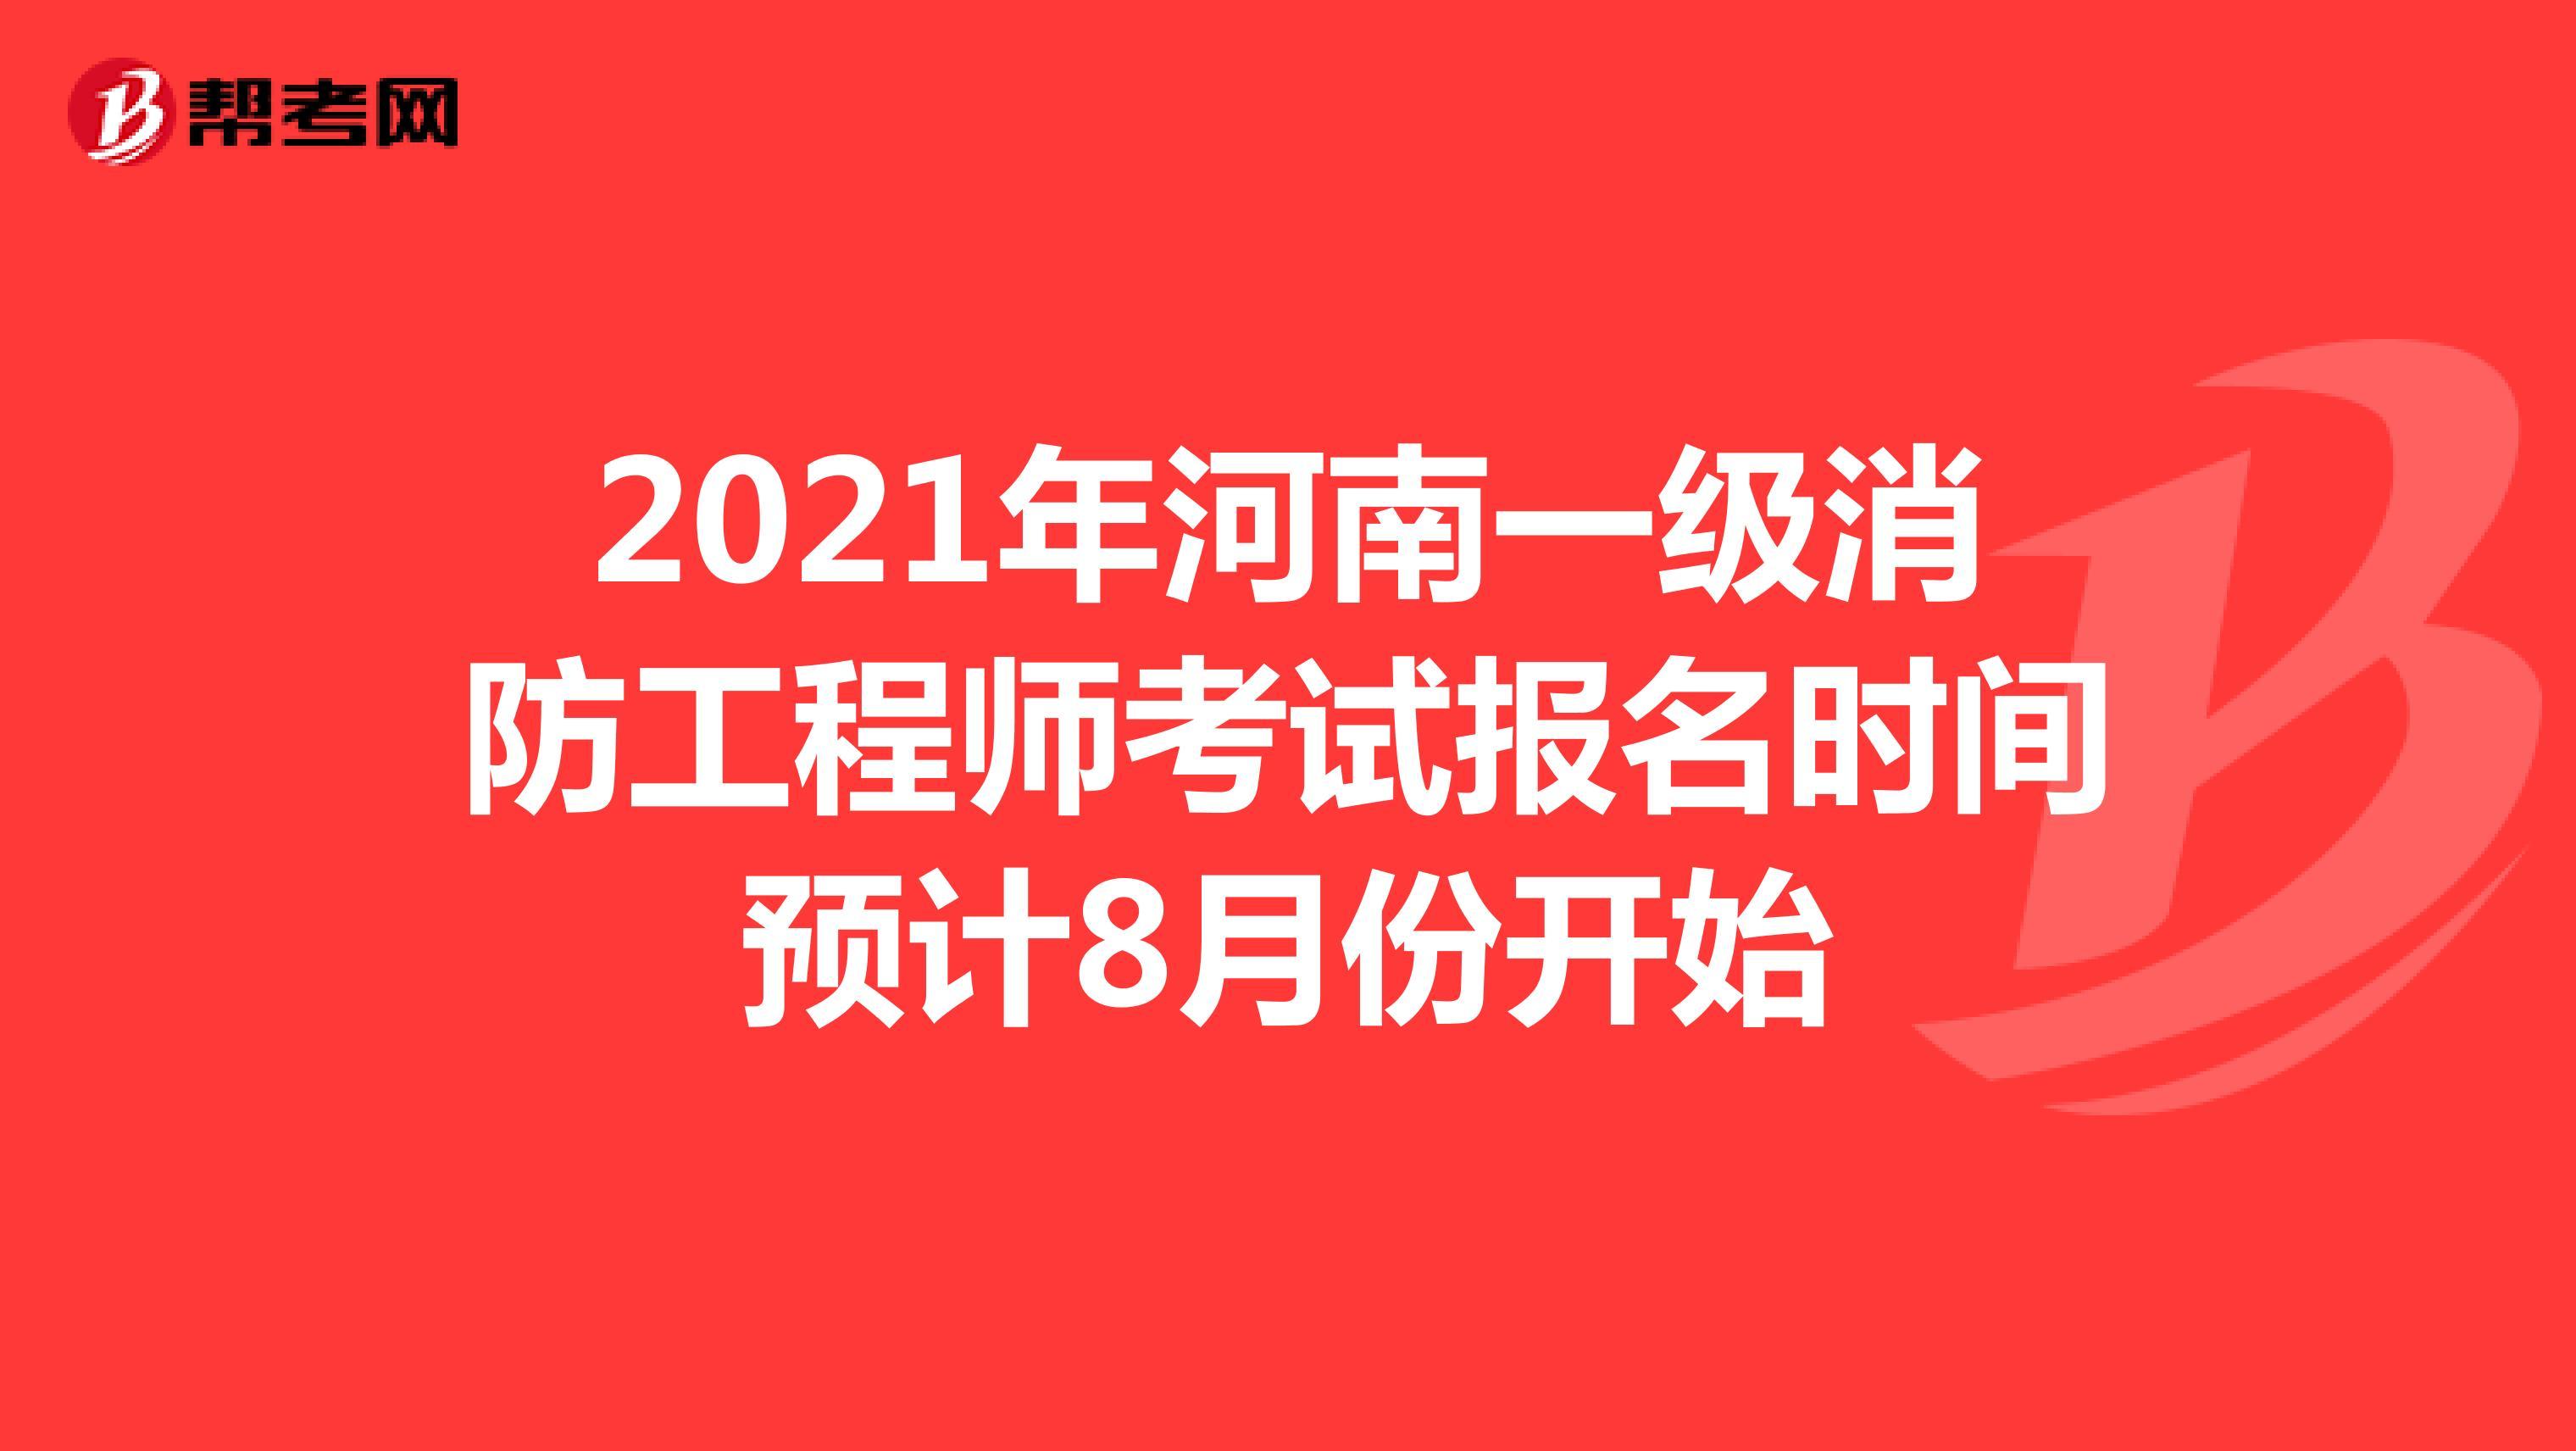 2021年河南一级消防工程师考试报名时间预计8月份开始